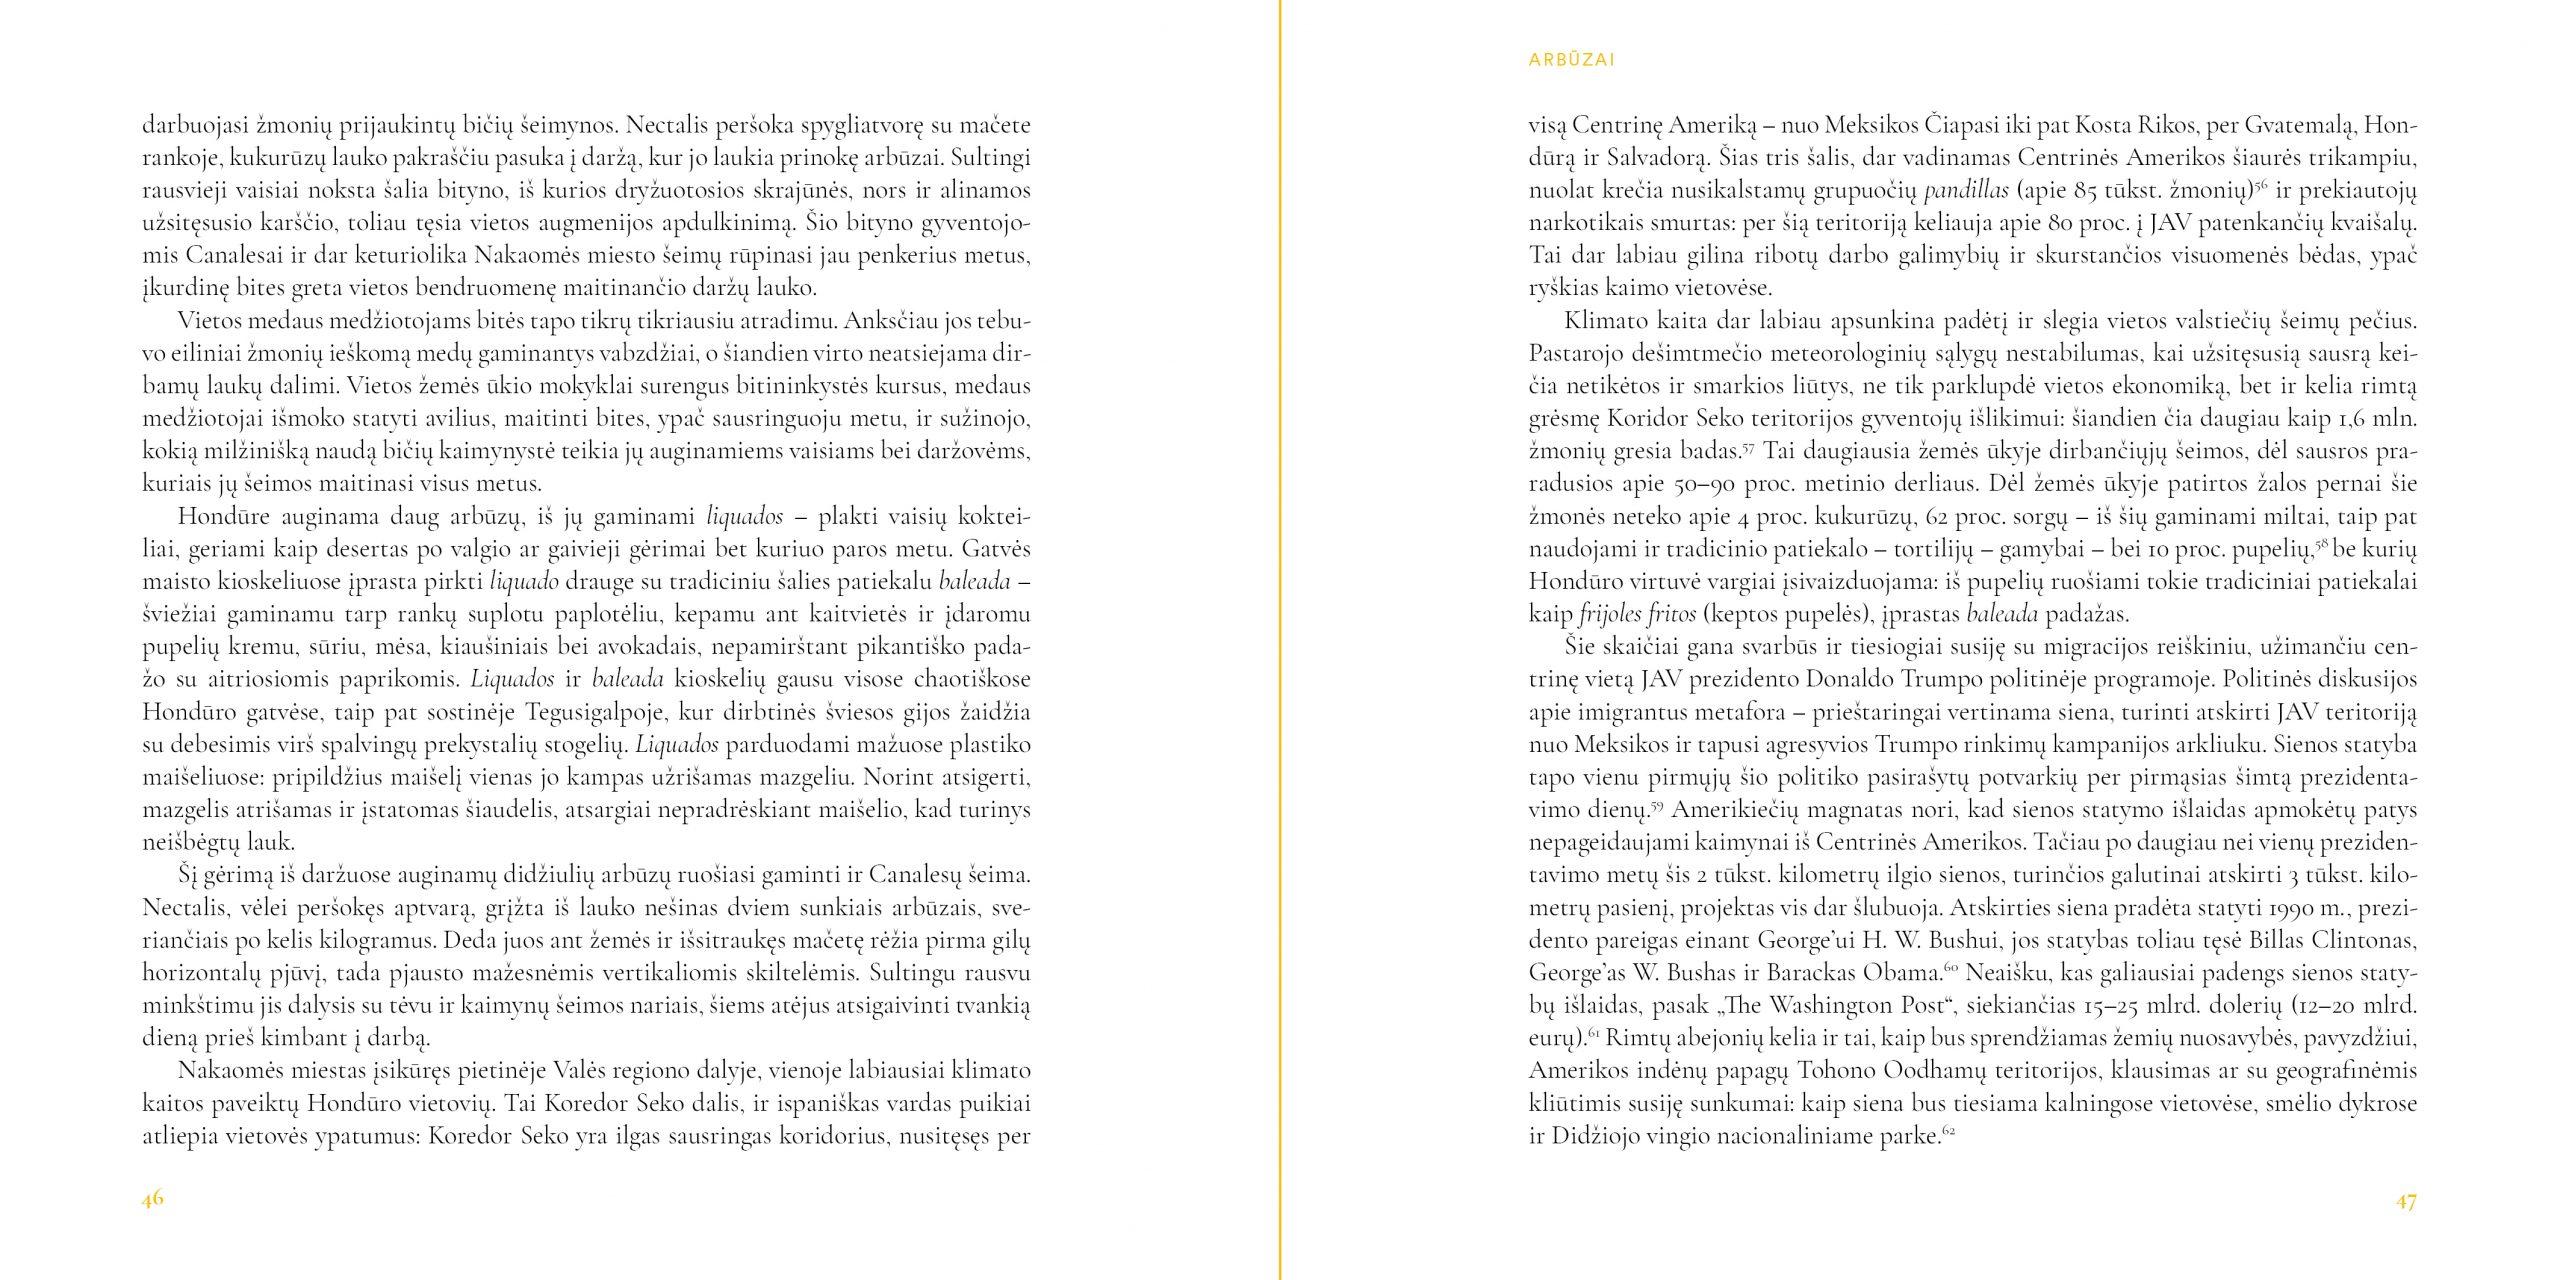 Bičių Revoliucija. Ištrauka 5